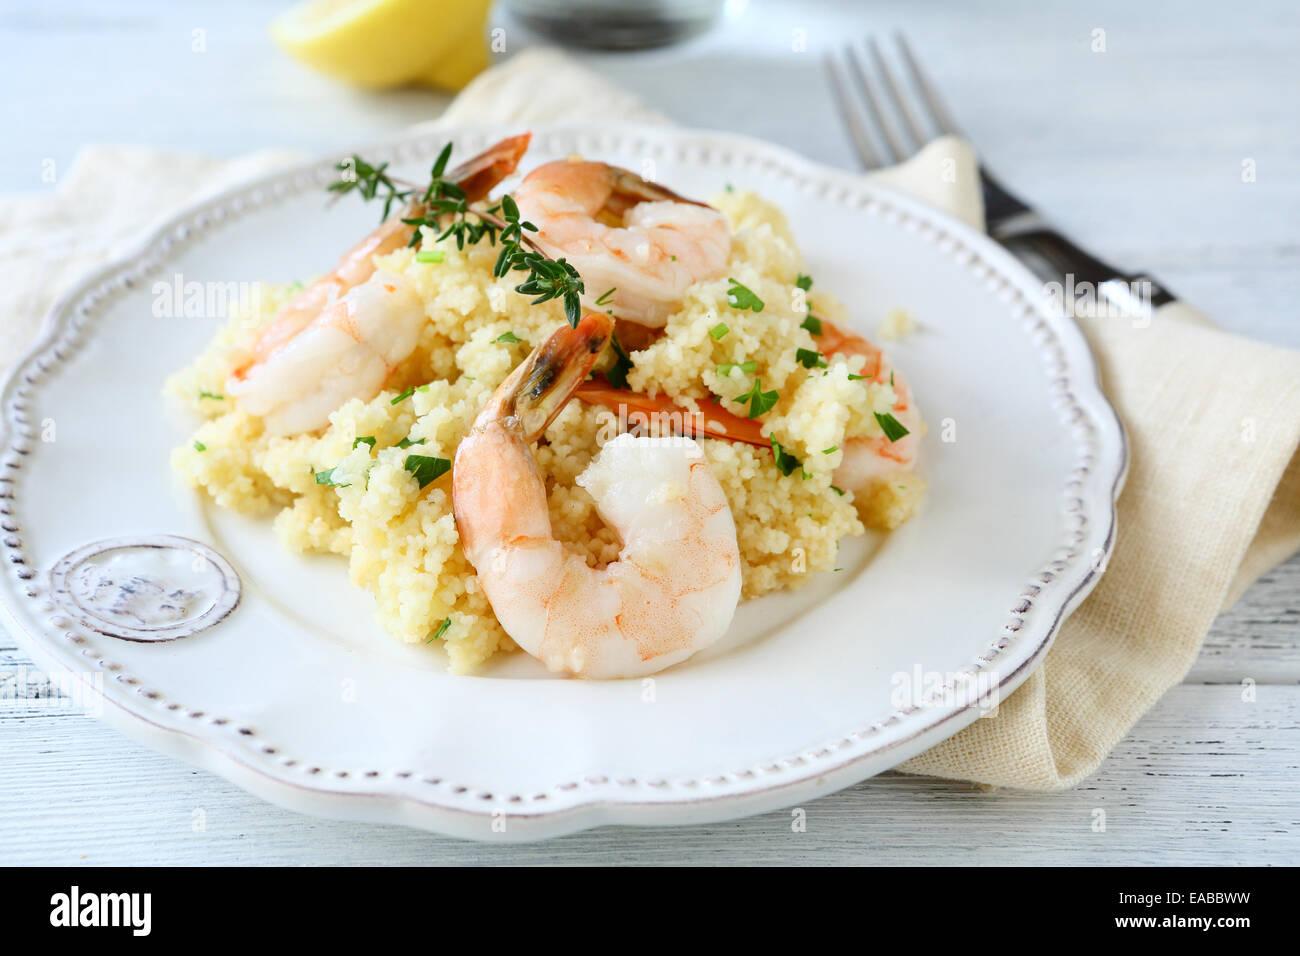 Sabroso cuscús con camarones, alimentos nutritivos Imagen De Stock